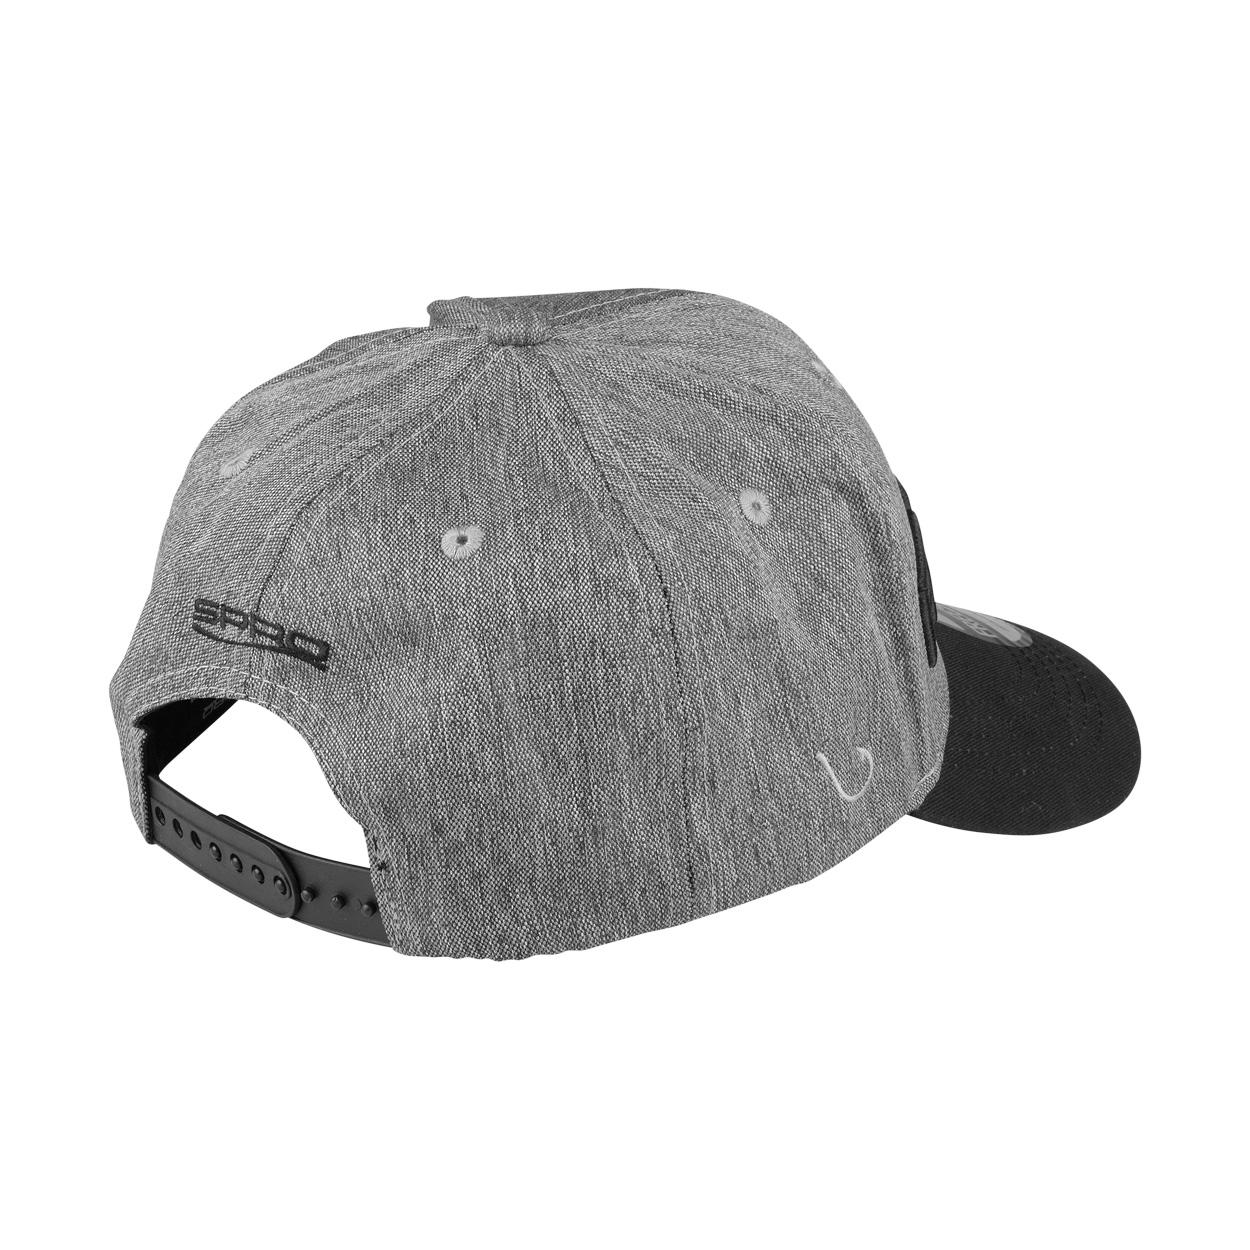 Freestyle Base Cap - Shop Image 01